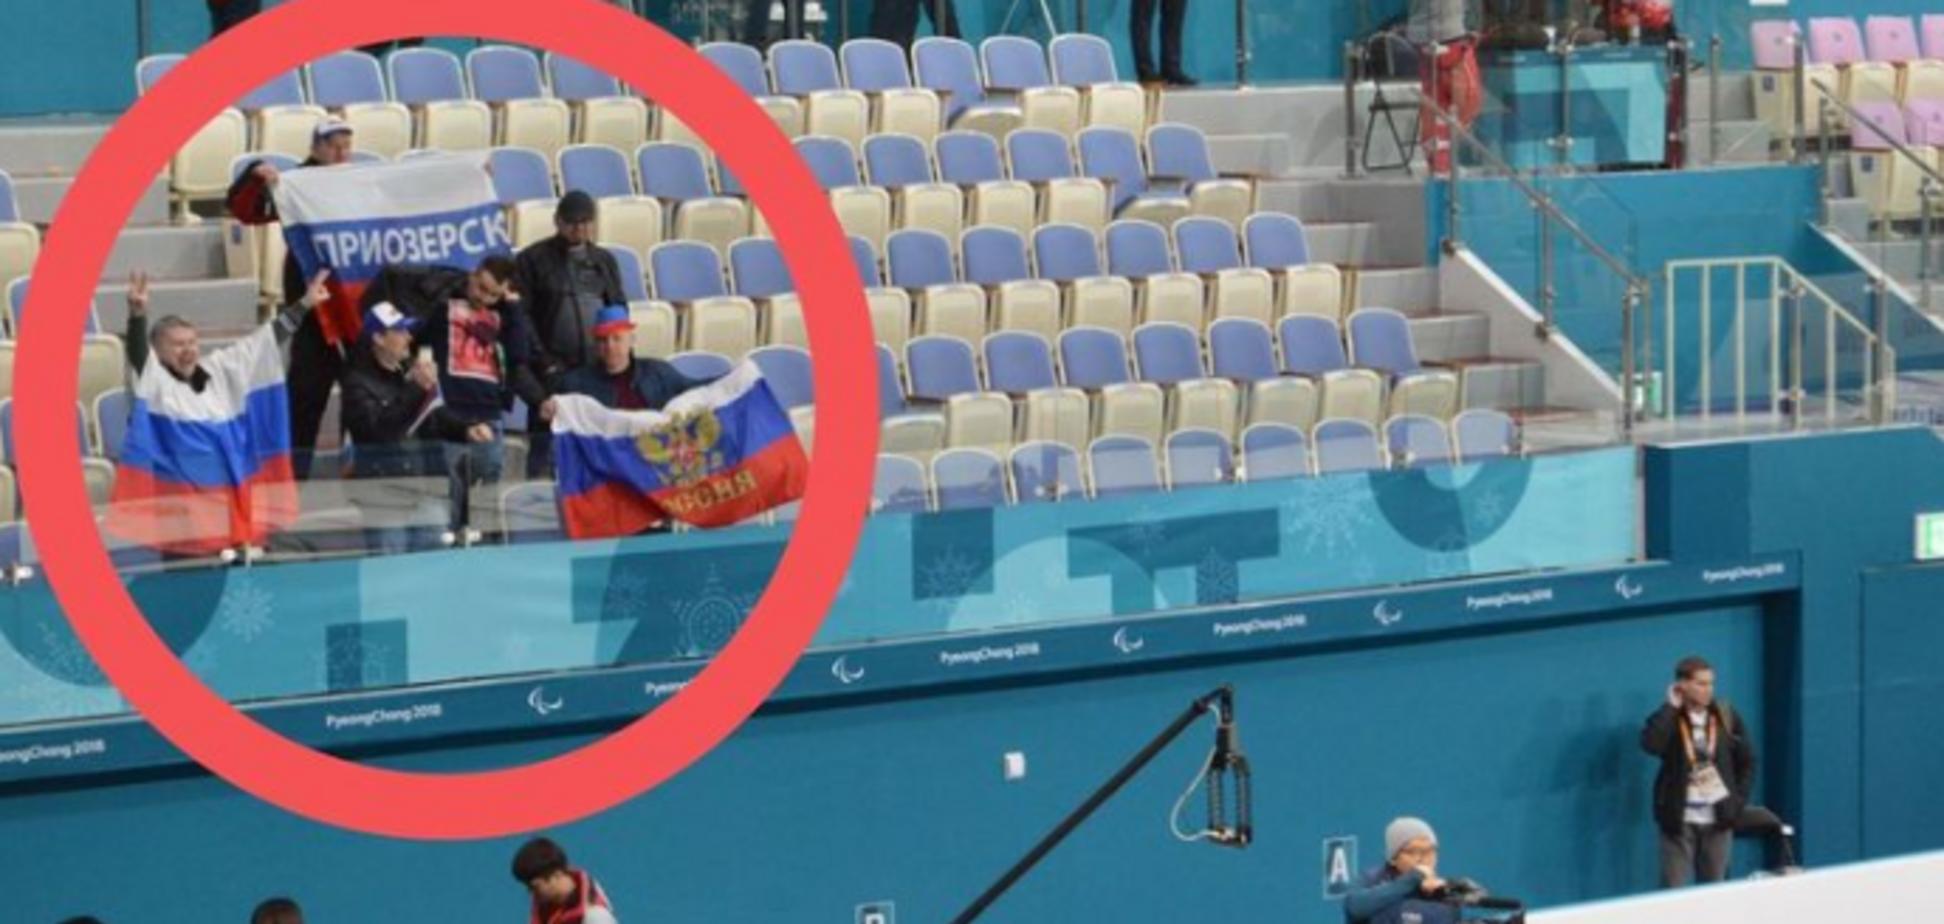 Плевать на санкции: россияне устроили провокацию на Паралимпиаде-2018